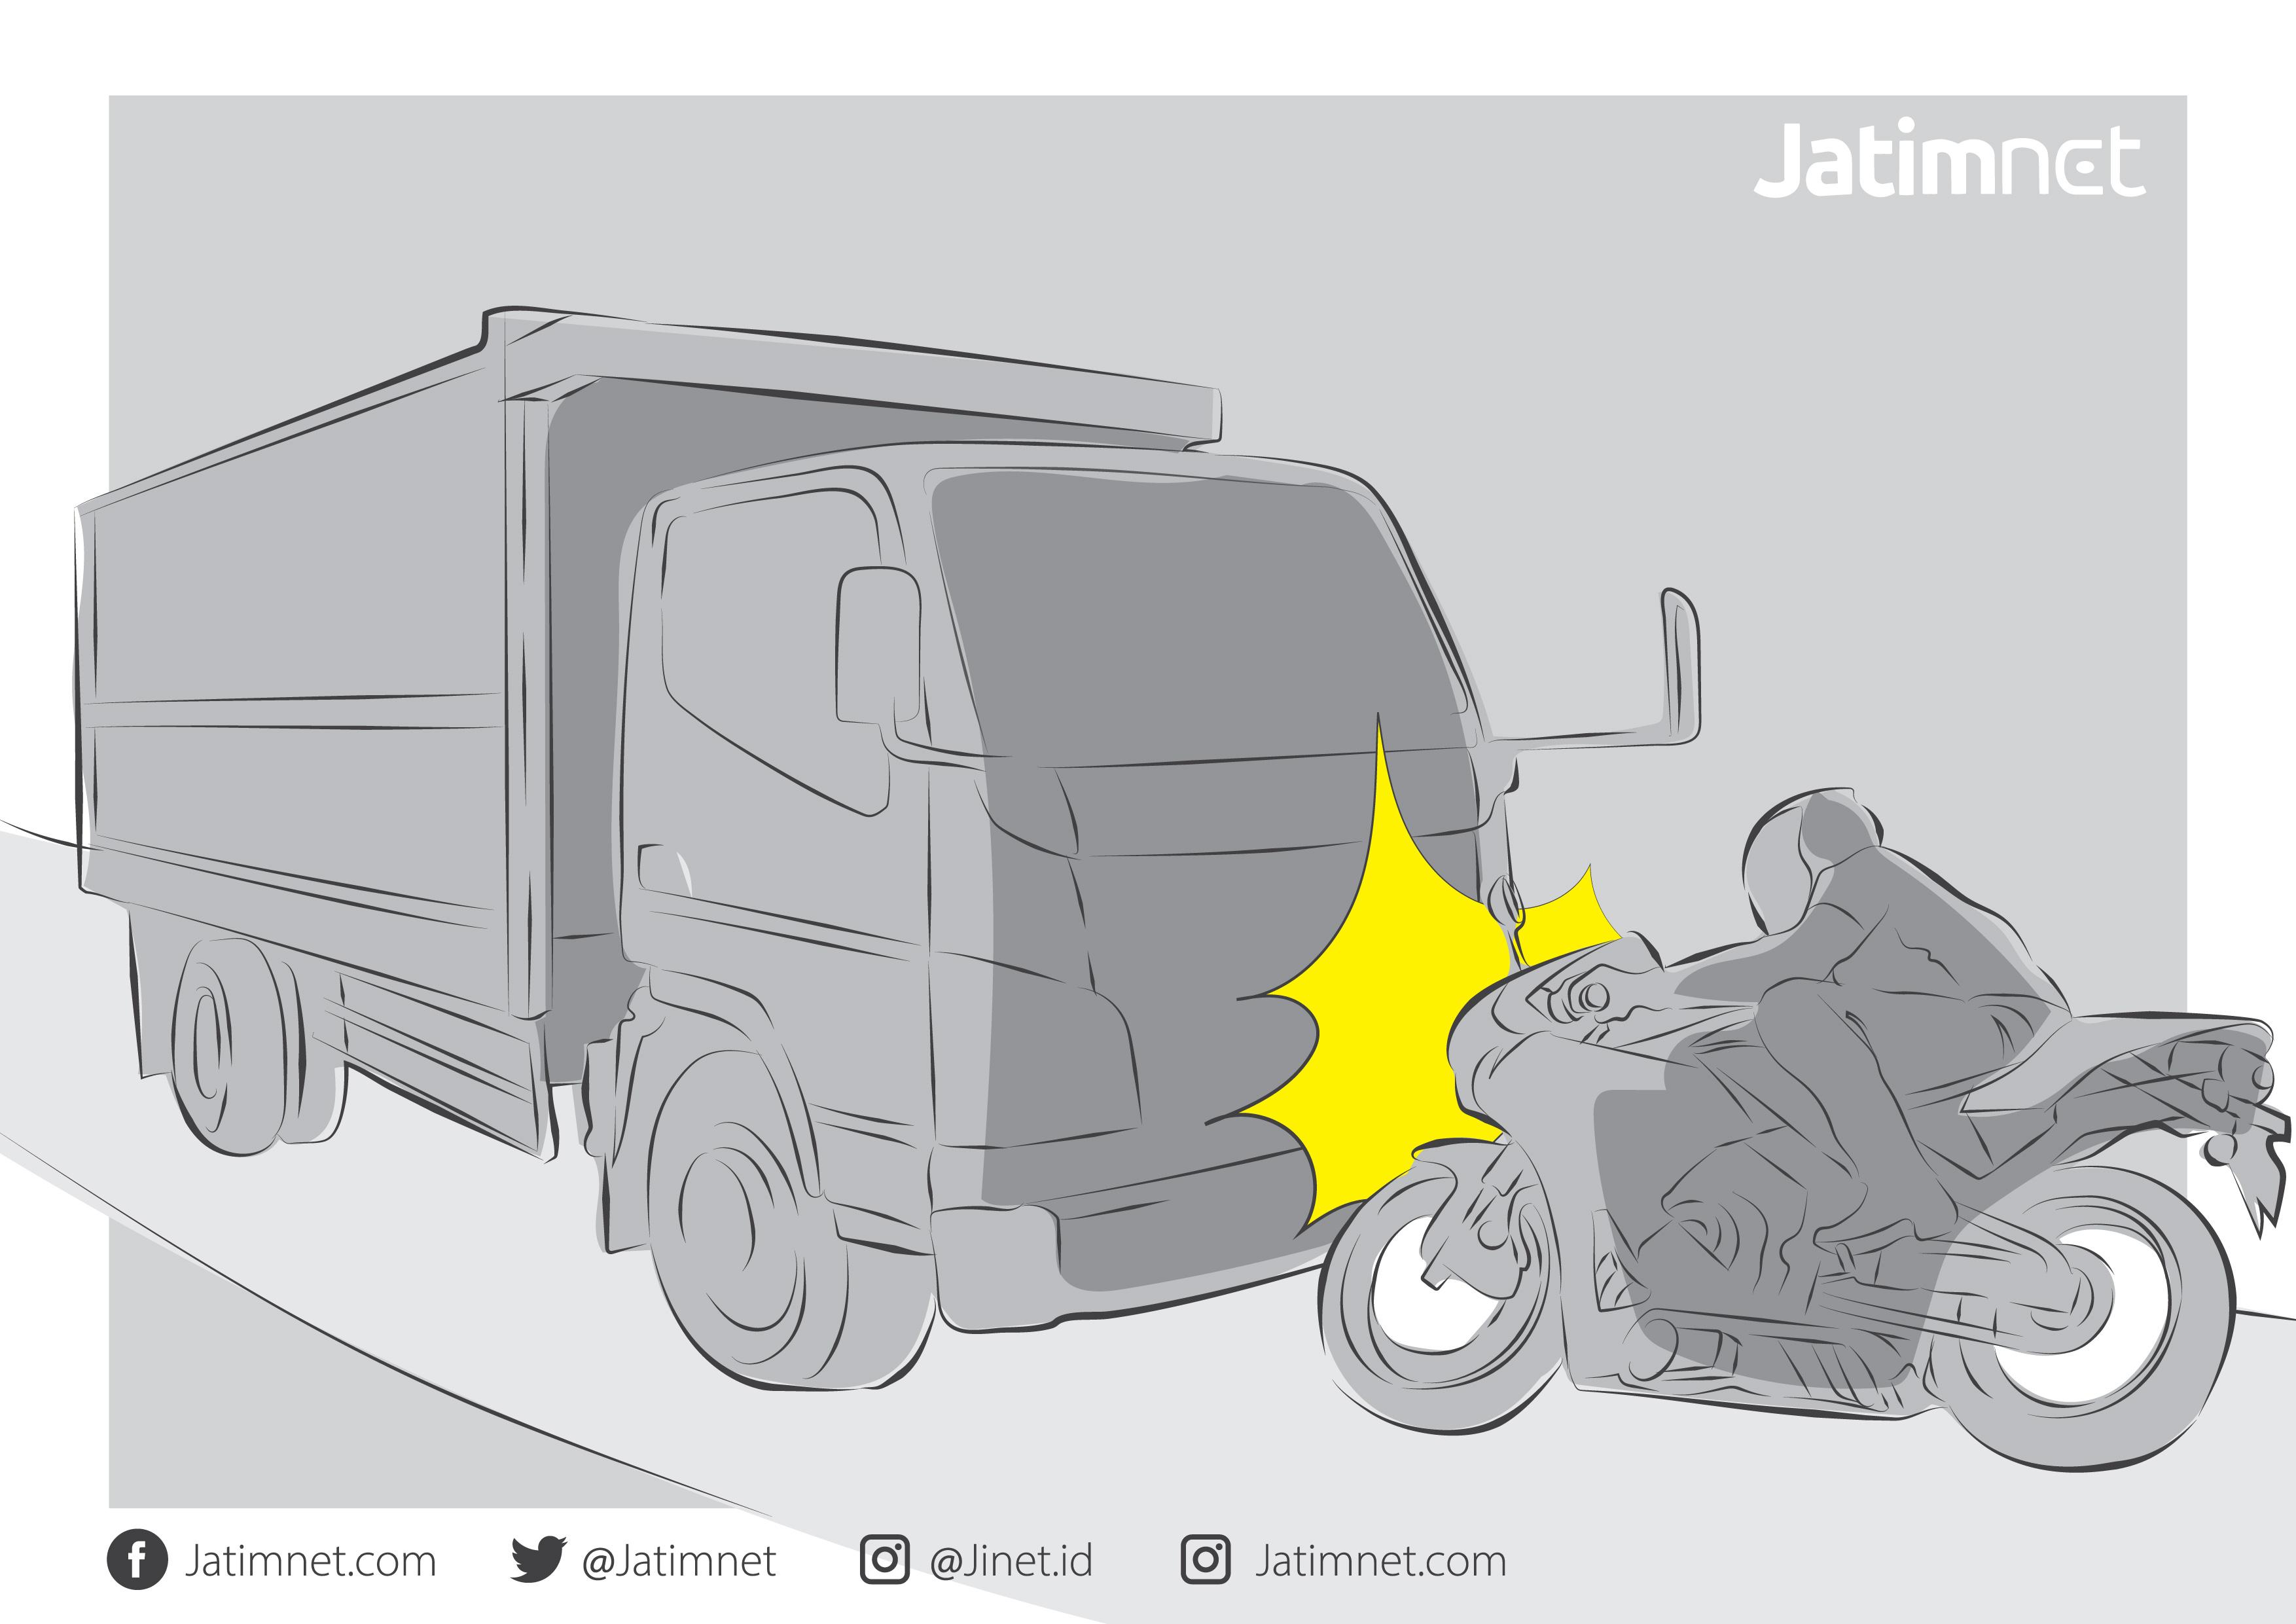 Penyebab Laka Minibus di Probolinggo Diduga Sopir Kurang Hati-hati